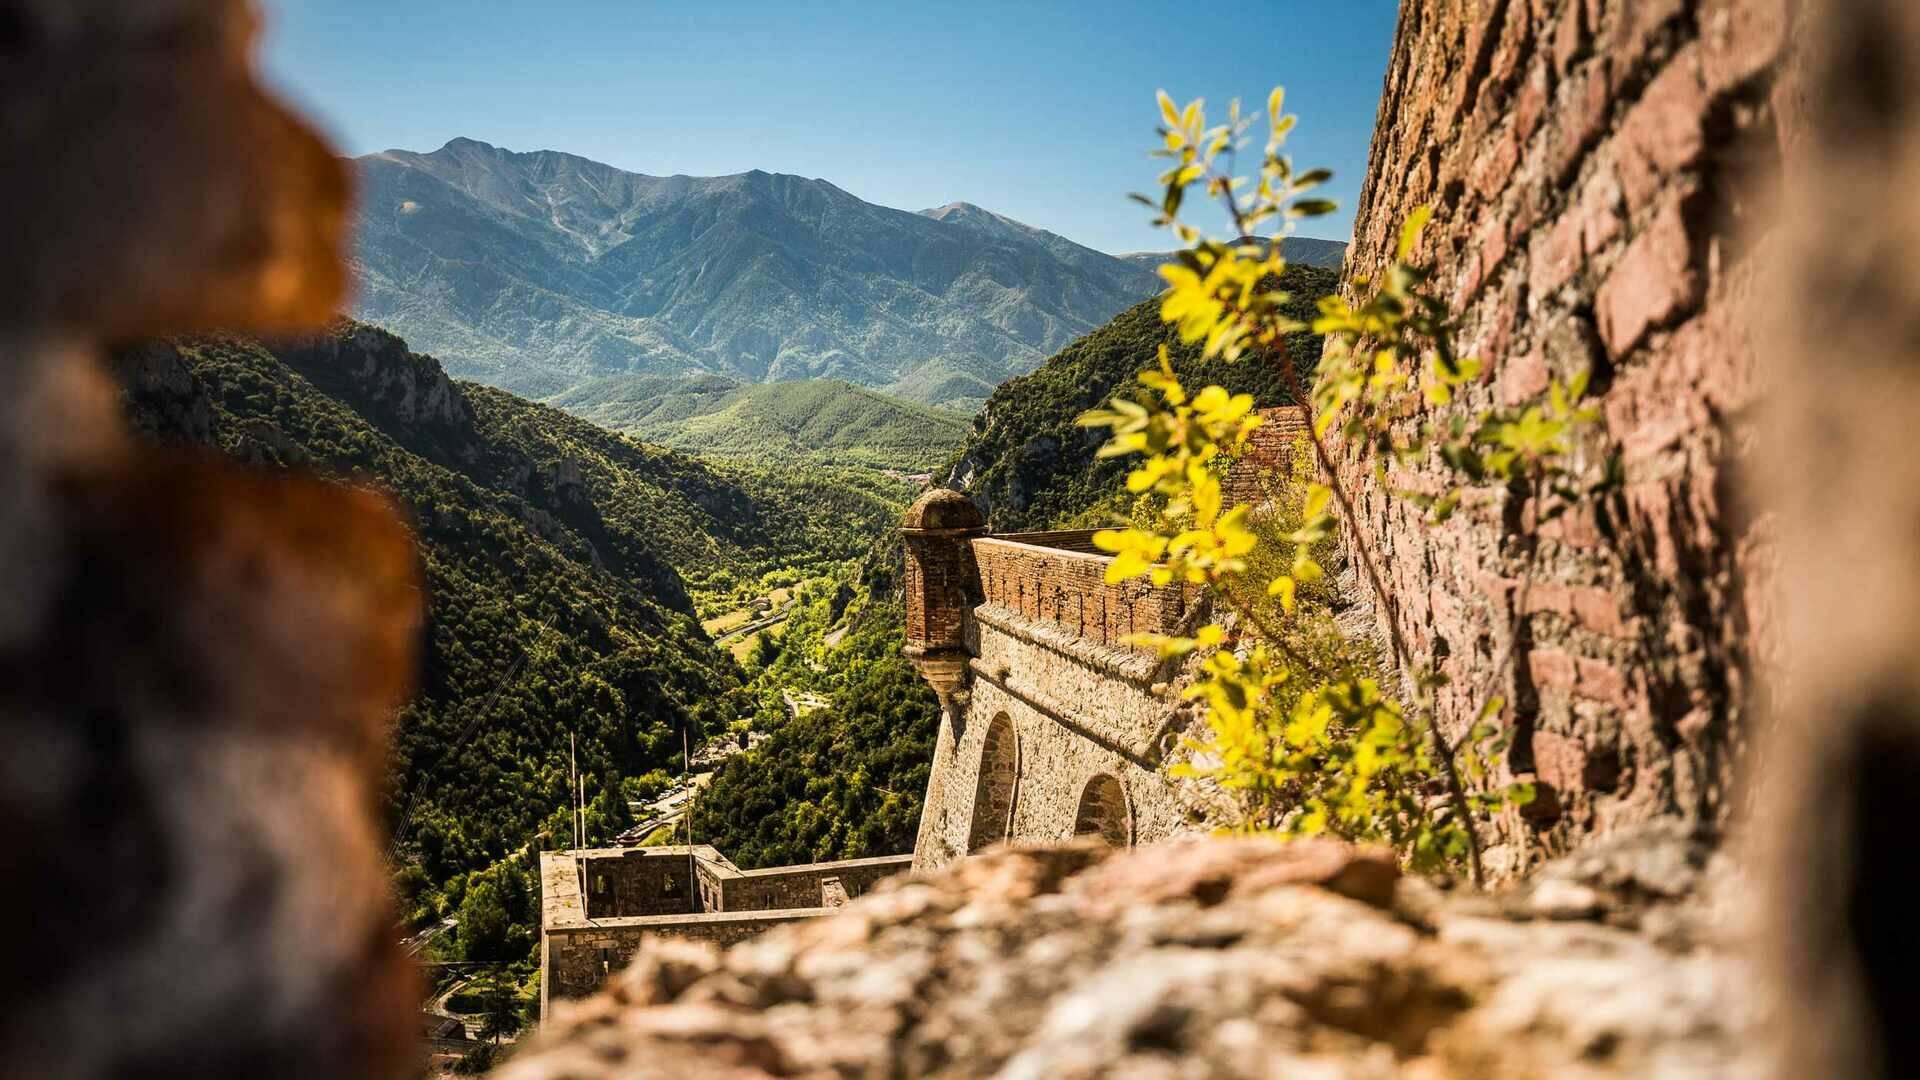 Vue sur la vallée du cady depuis le fort libéria